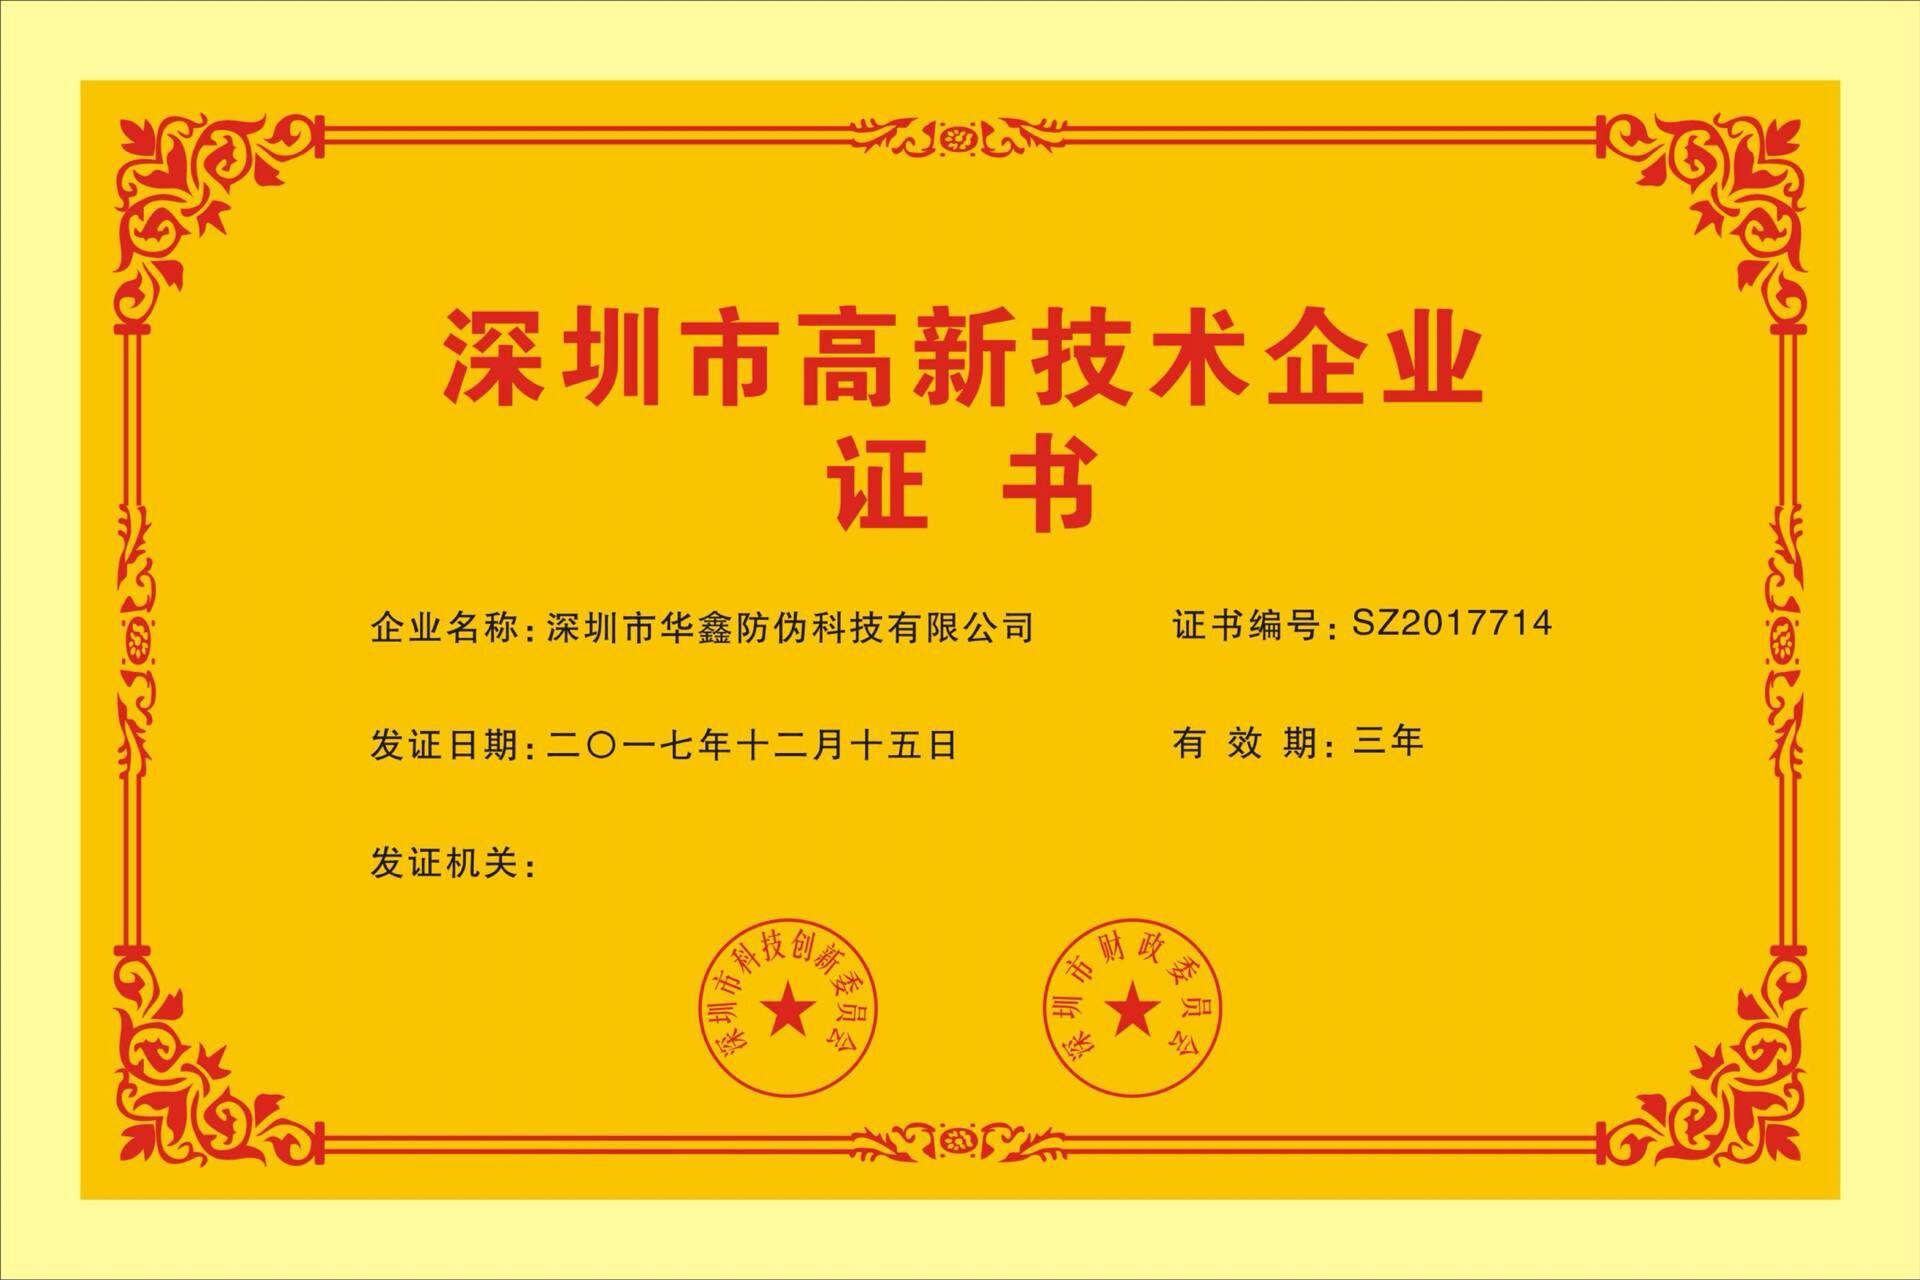 深圳高新企业